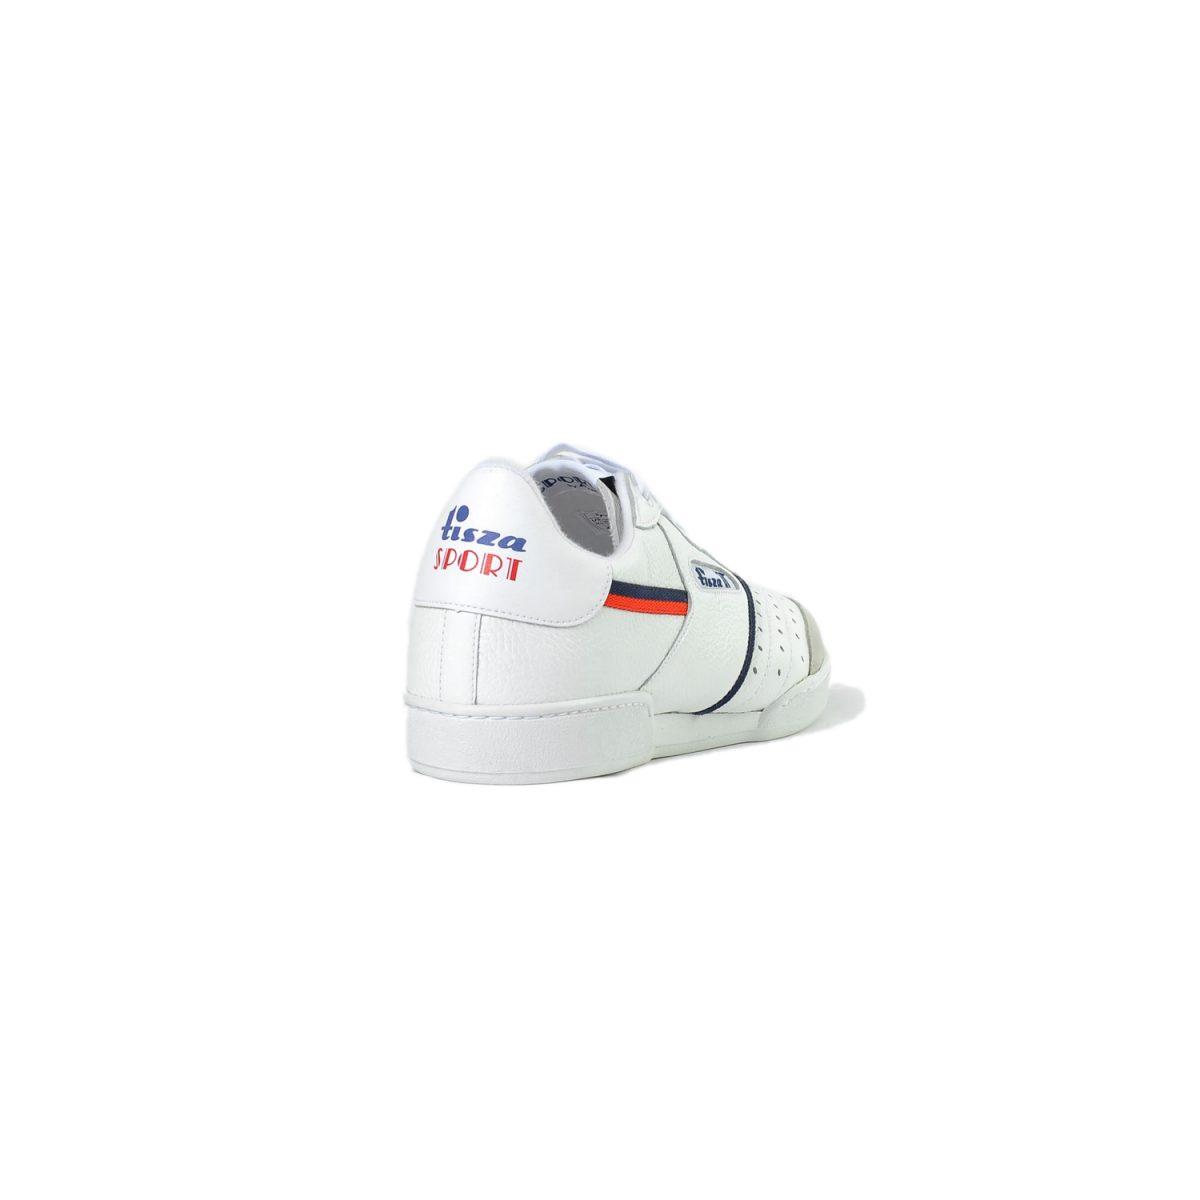 Tisza cipő - Sport - Fehér-piros-kék